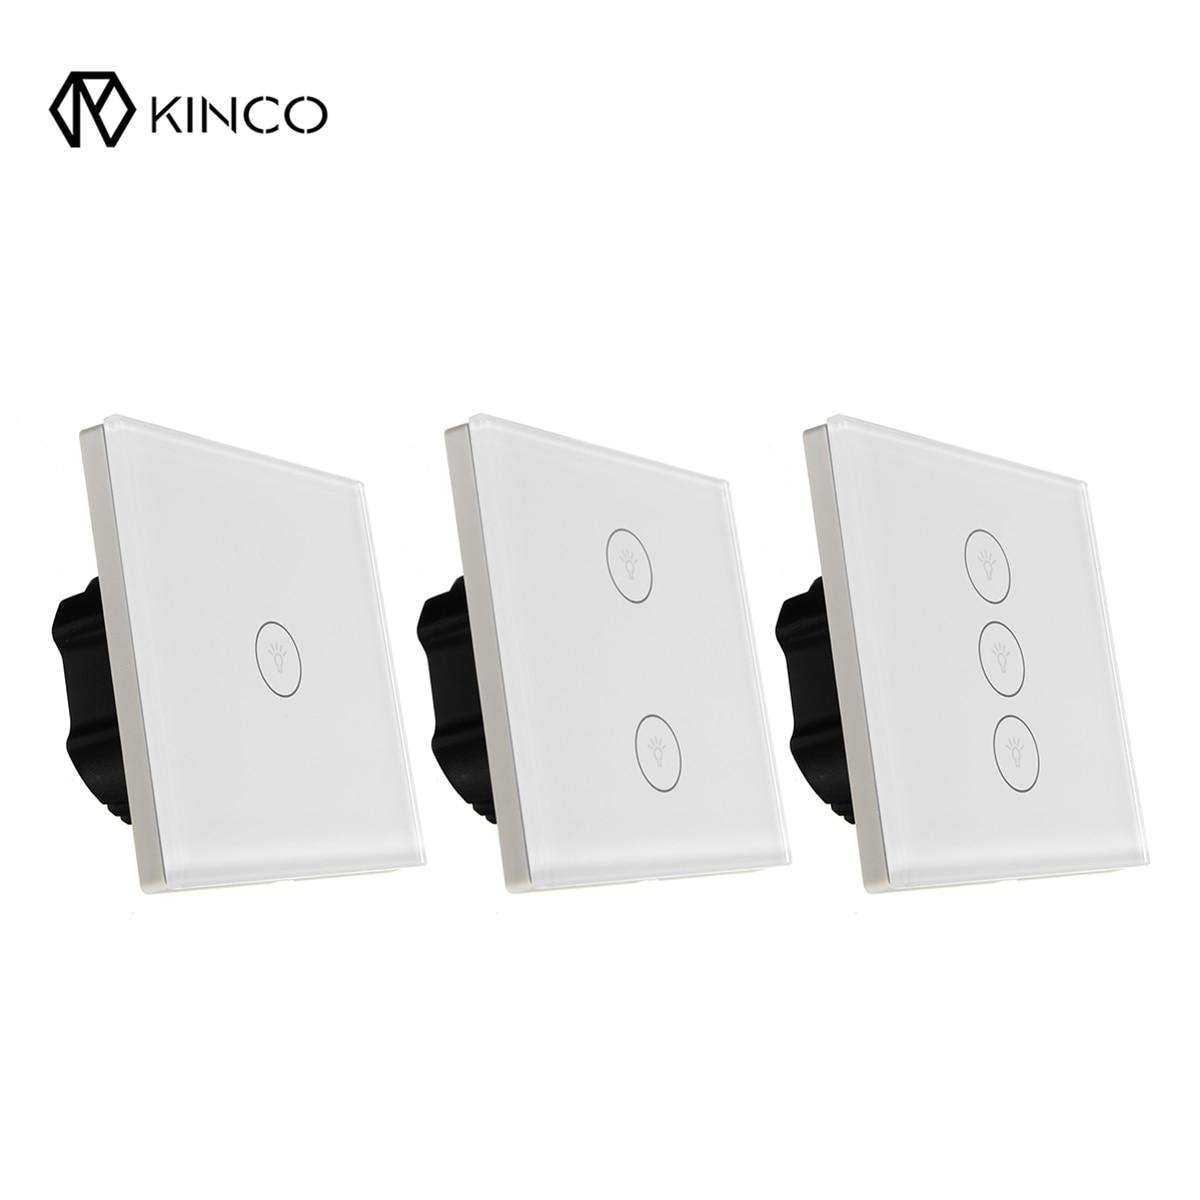 Kinco WIFI Smart Wall EU 1/2/3 Gang Switch Touch Panel Smart